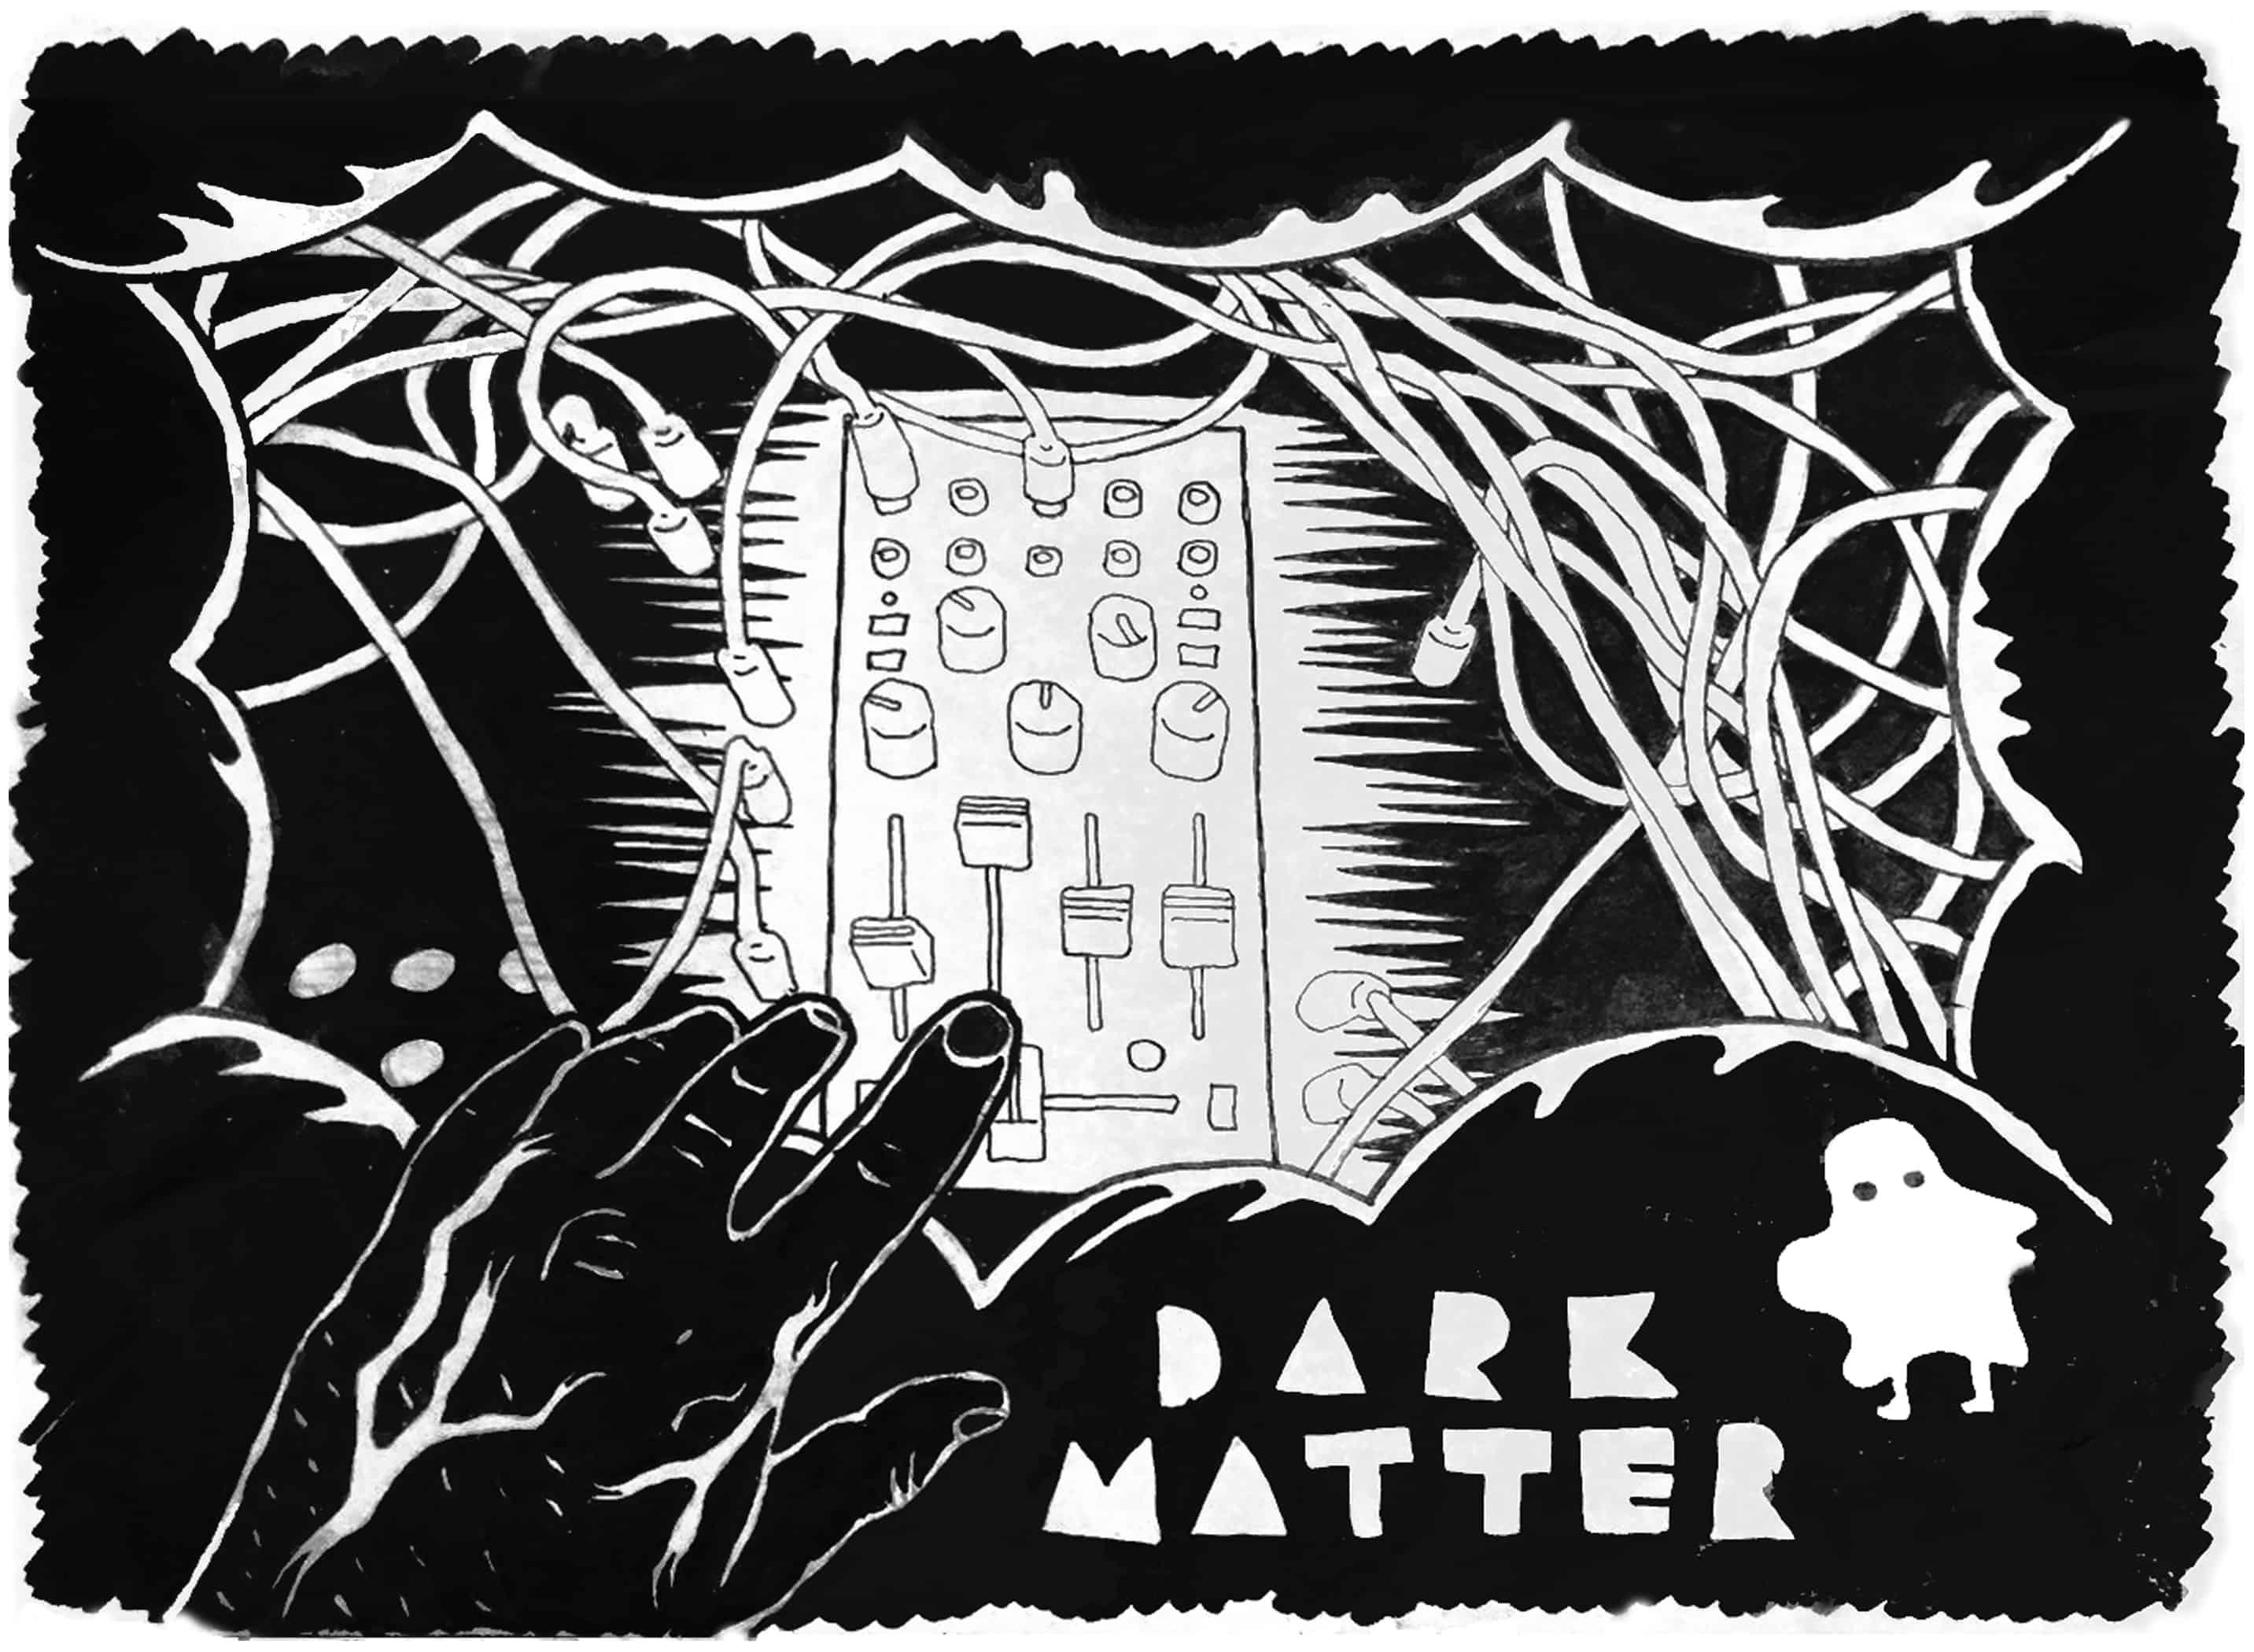 BASTL INSTRUMENTS,DARK MATTER,CASPER ELECTRONICS,ユーロラックモジュラーシンセ,フィードバック